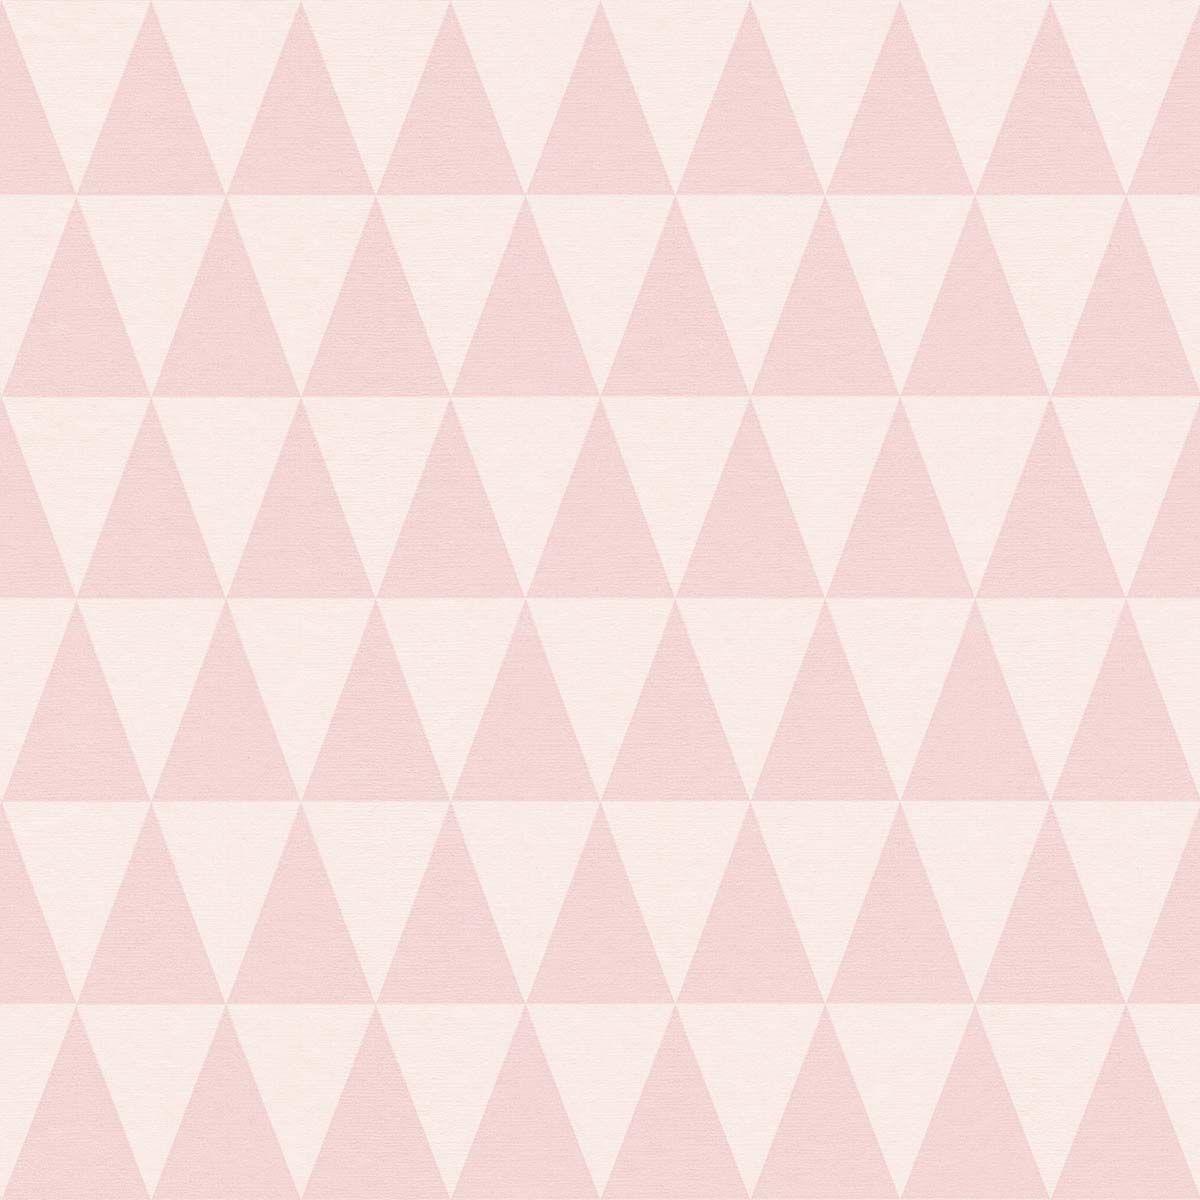 Vliestapete Dreieck Muster Rosa Rasch Textil 148671 Tapeten Rasch Textil Ausgefallene Tapeten